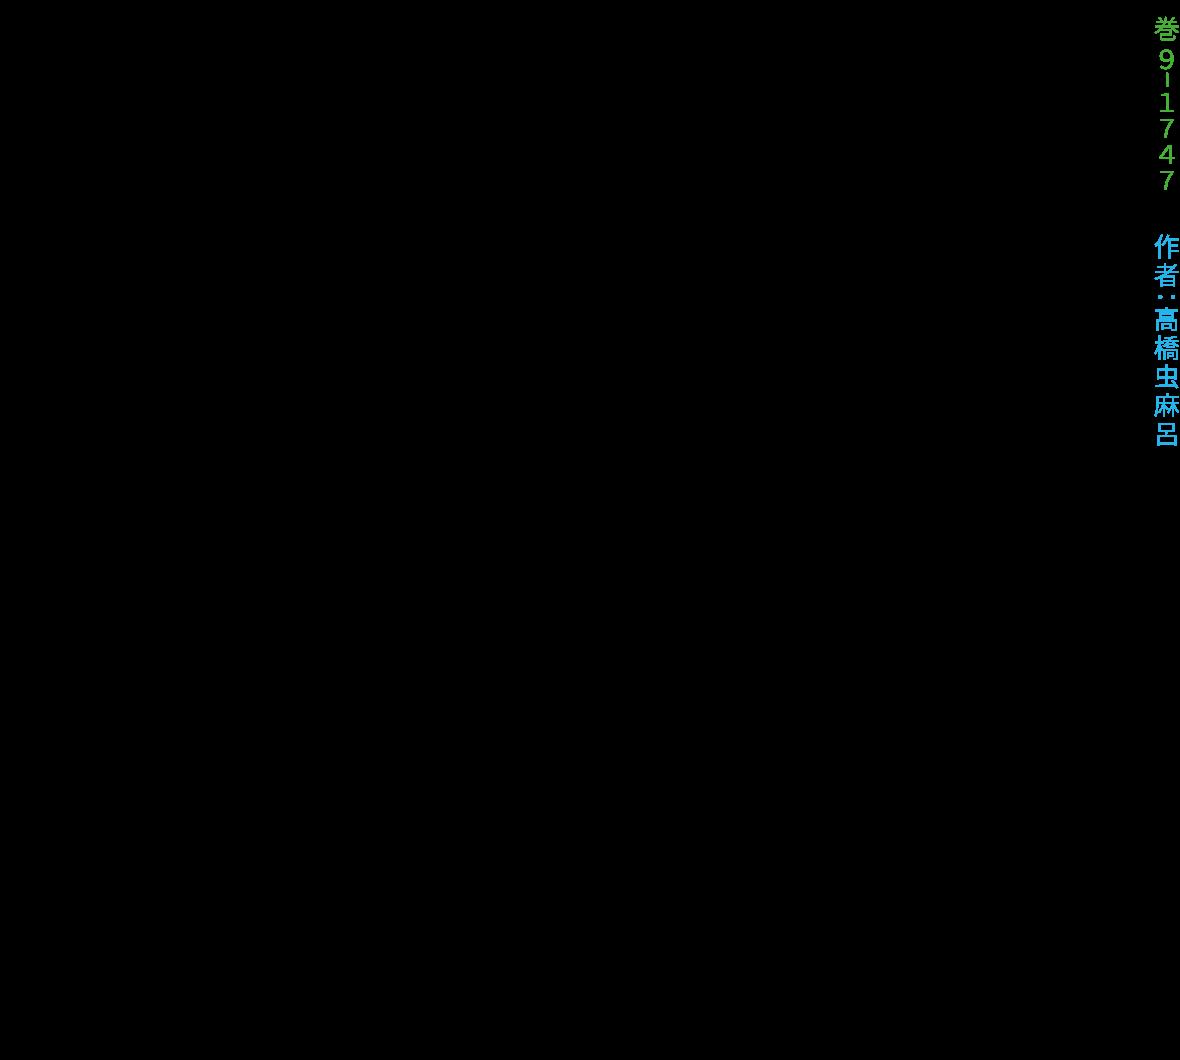 巻9-1747 作者:高橋虫麻呂 白雲の龍田の山の滝の上の小鞍の嶺に咲きををる桜の花は山高み風し止まねば春雨の継ぎてし降れば秀つ枝は散り過ぎにけり下枝に残れる花は須臾は散りな乱れそ草枕旅行を君が還り来るまで